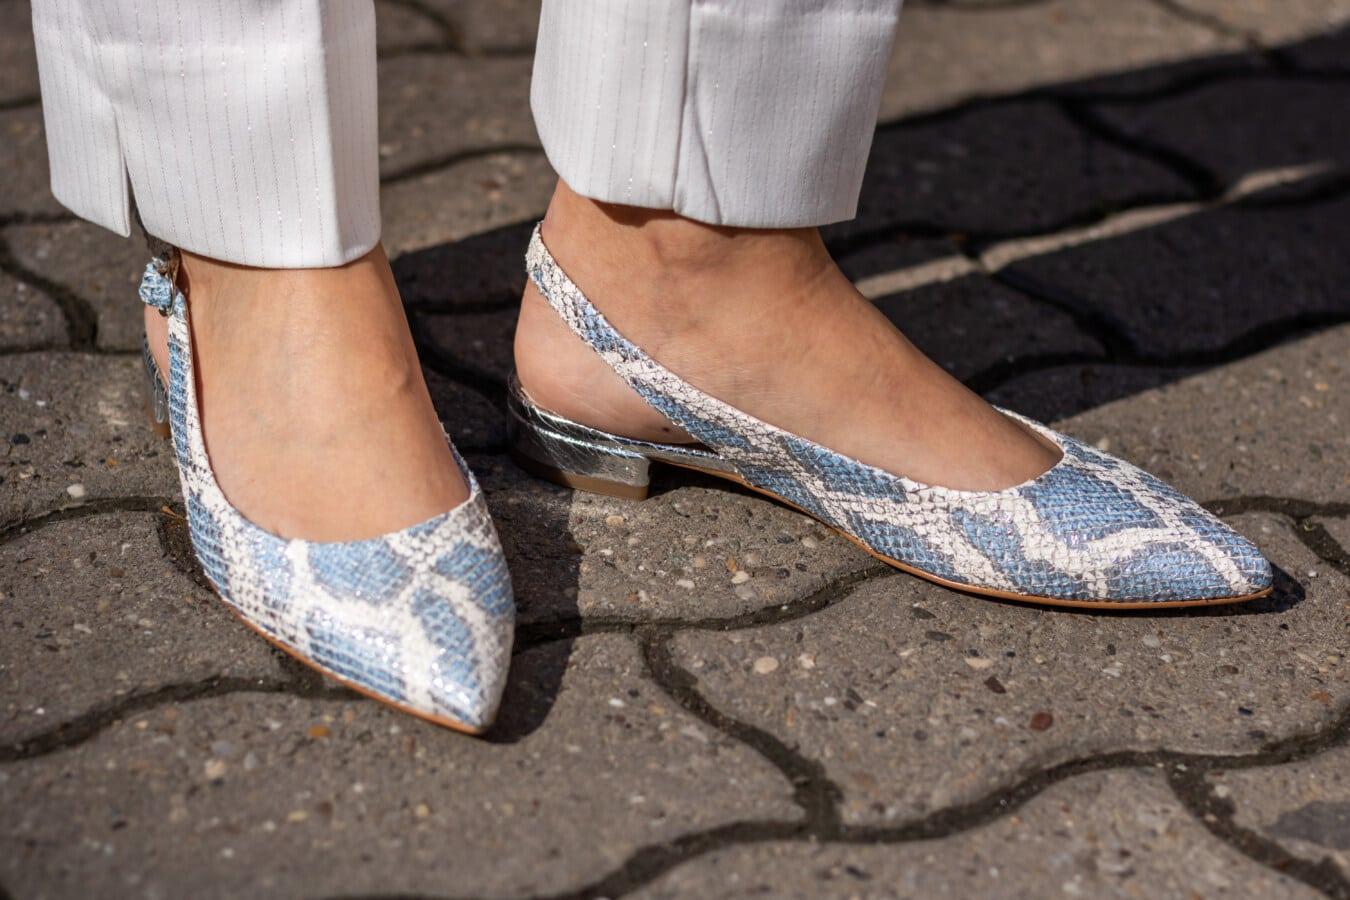 shining, blue, sandal, barefoot, footwear, feet, businesswoman, legs, shoe, street